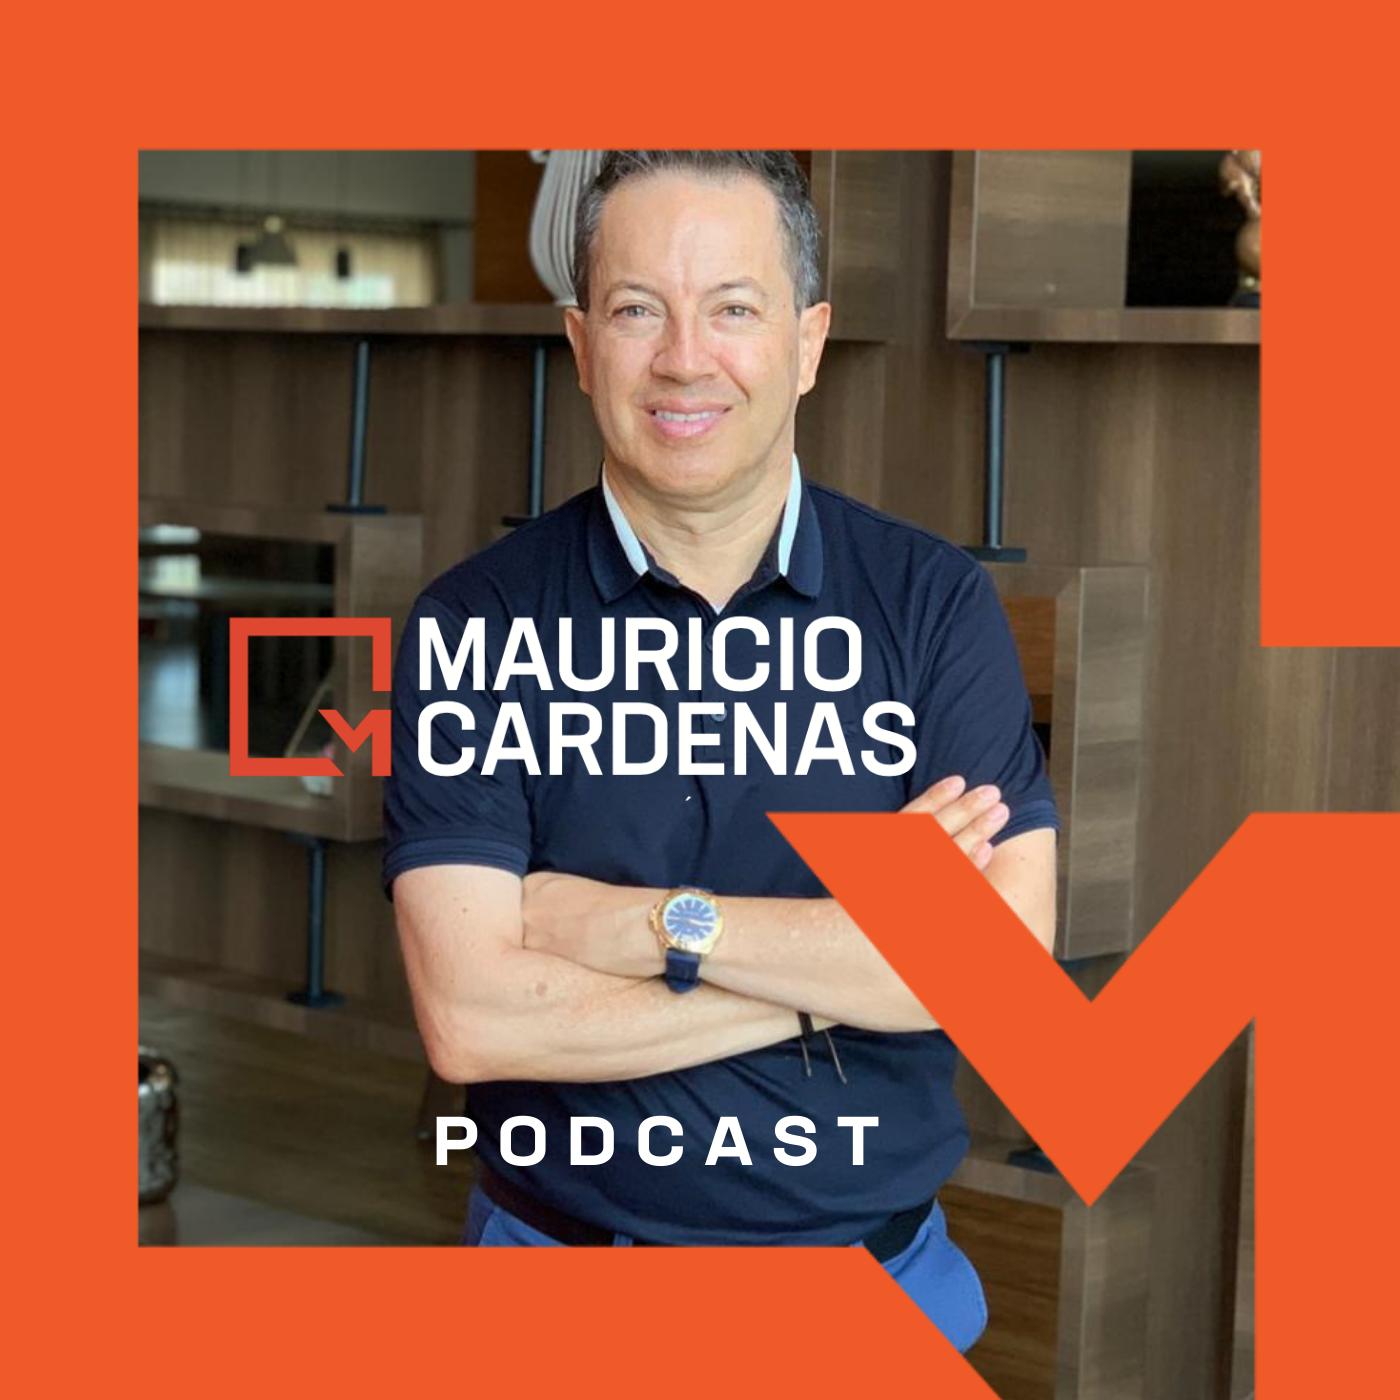 Mauricio Cardenas Podcast